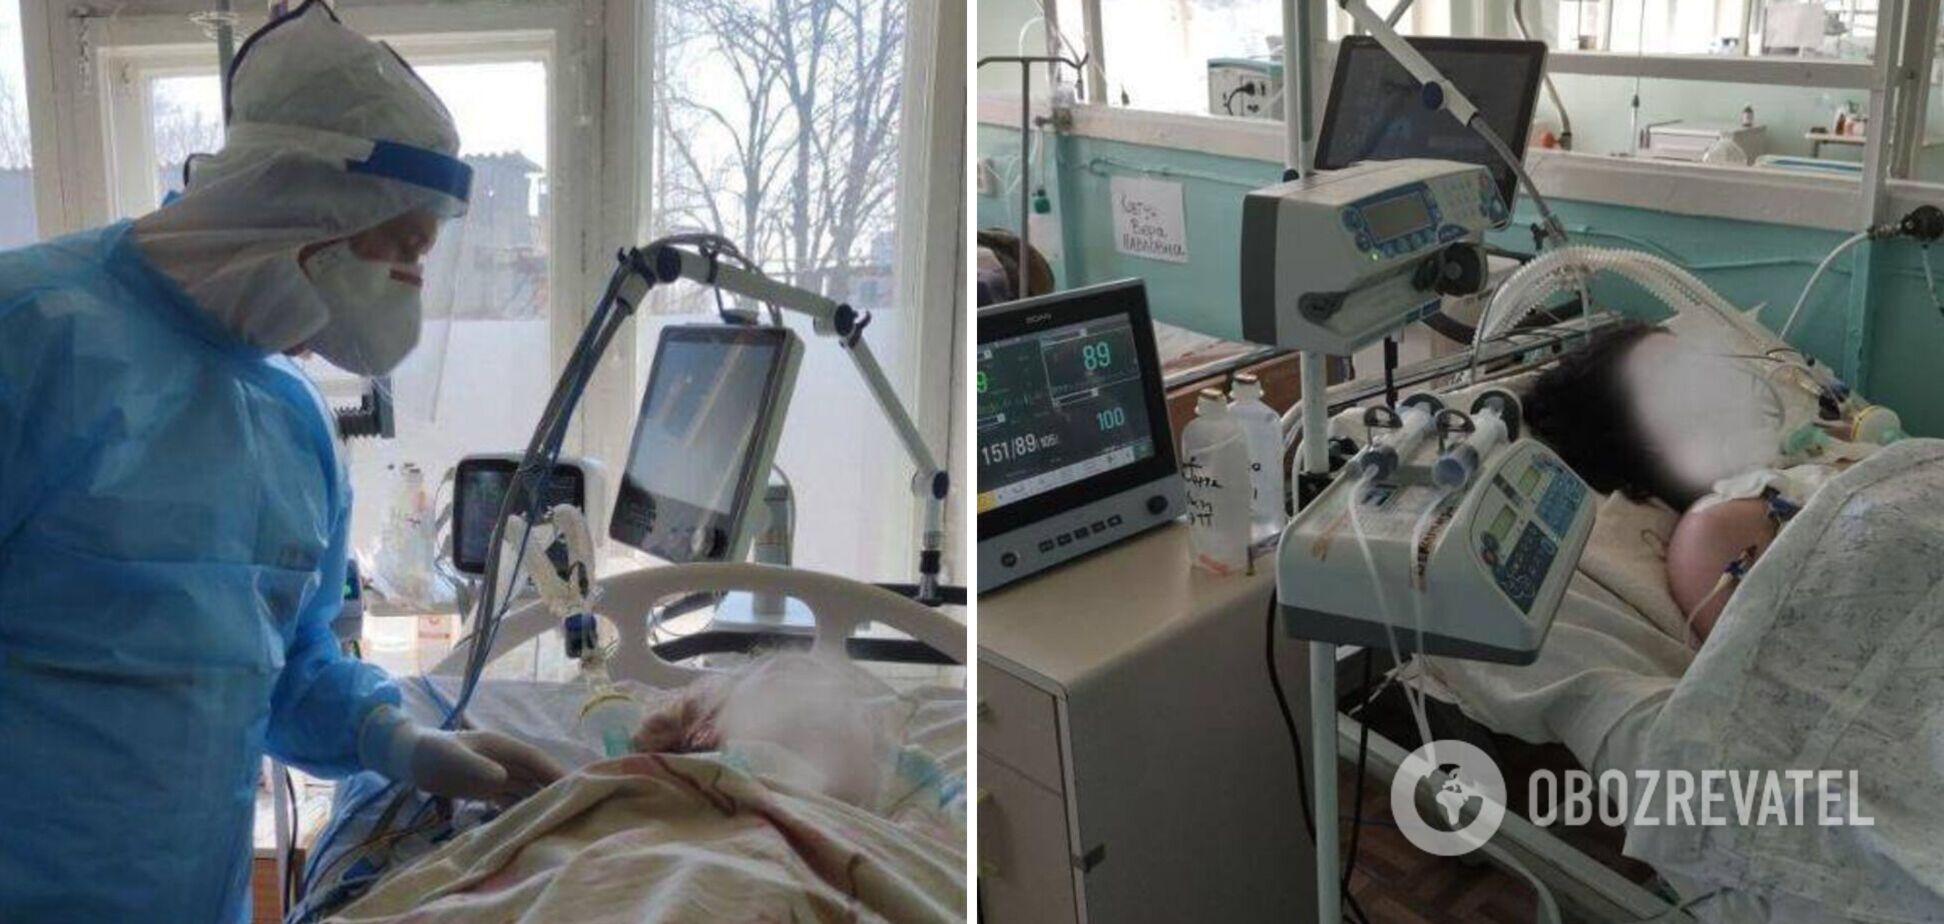 Реанимация в Днепропетровской областной больнице имени Мечникова